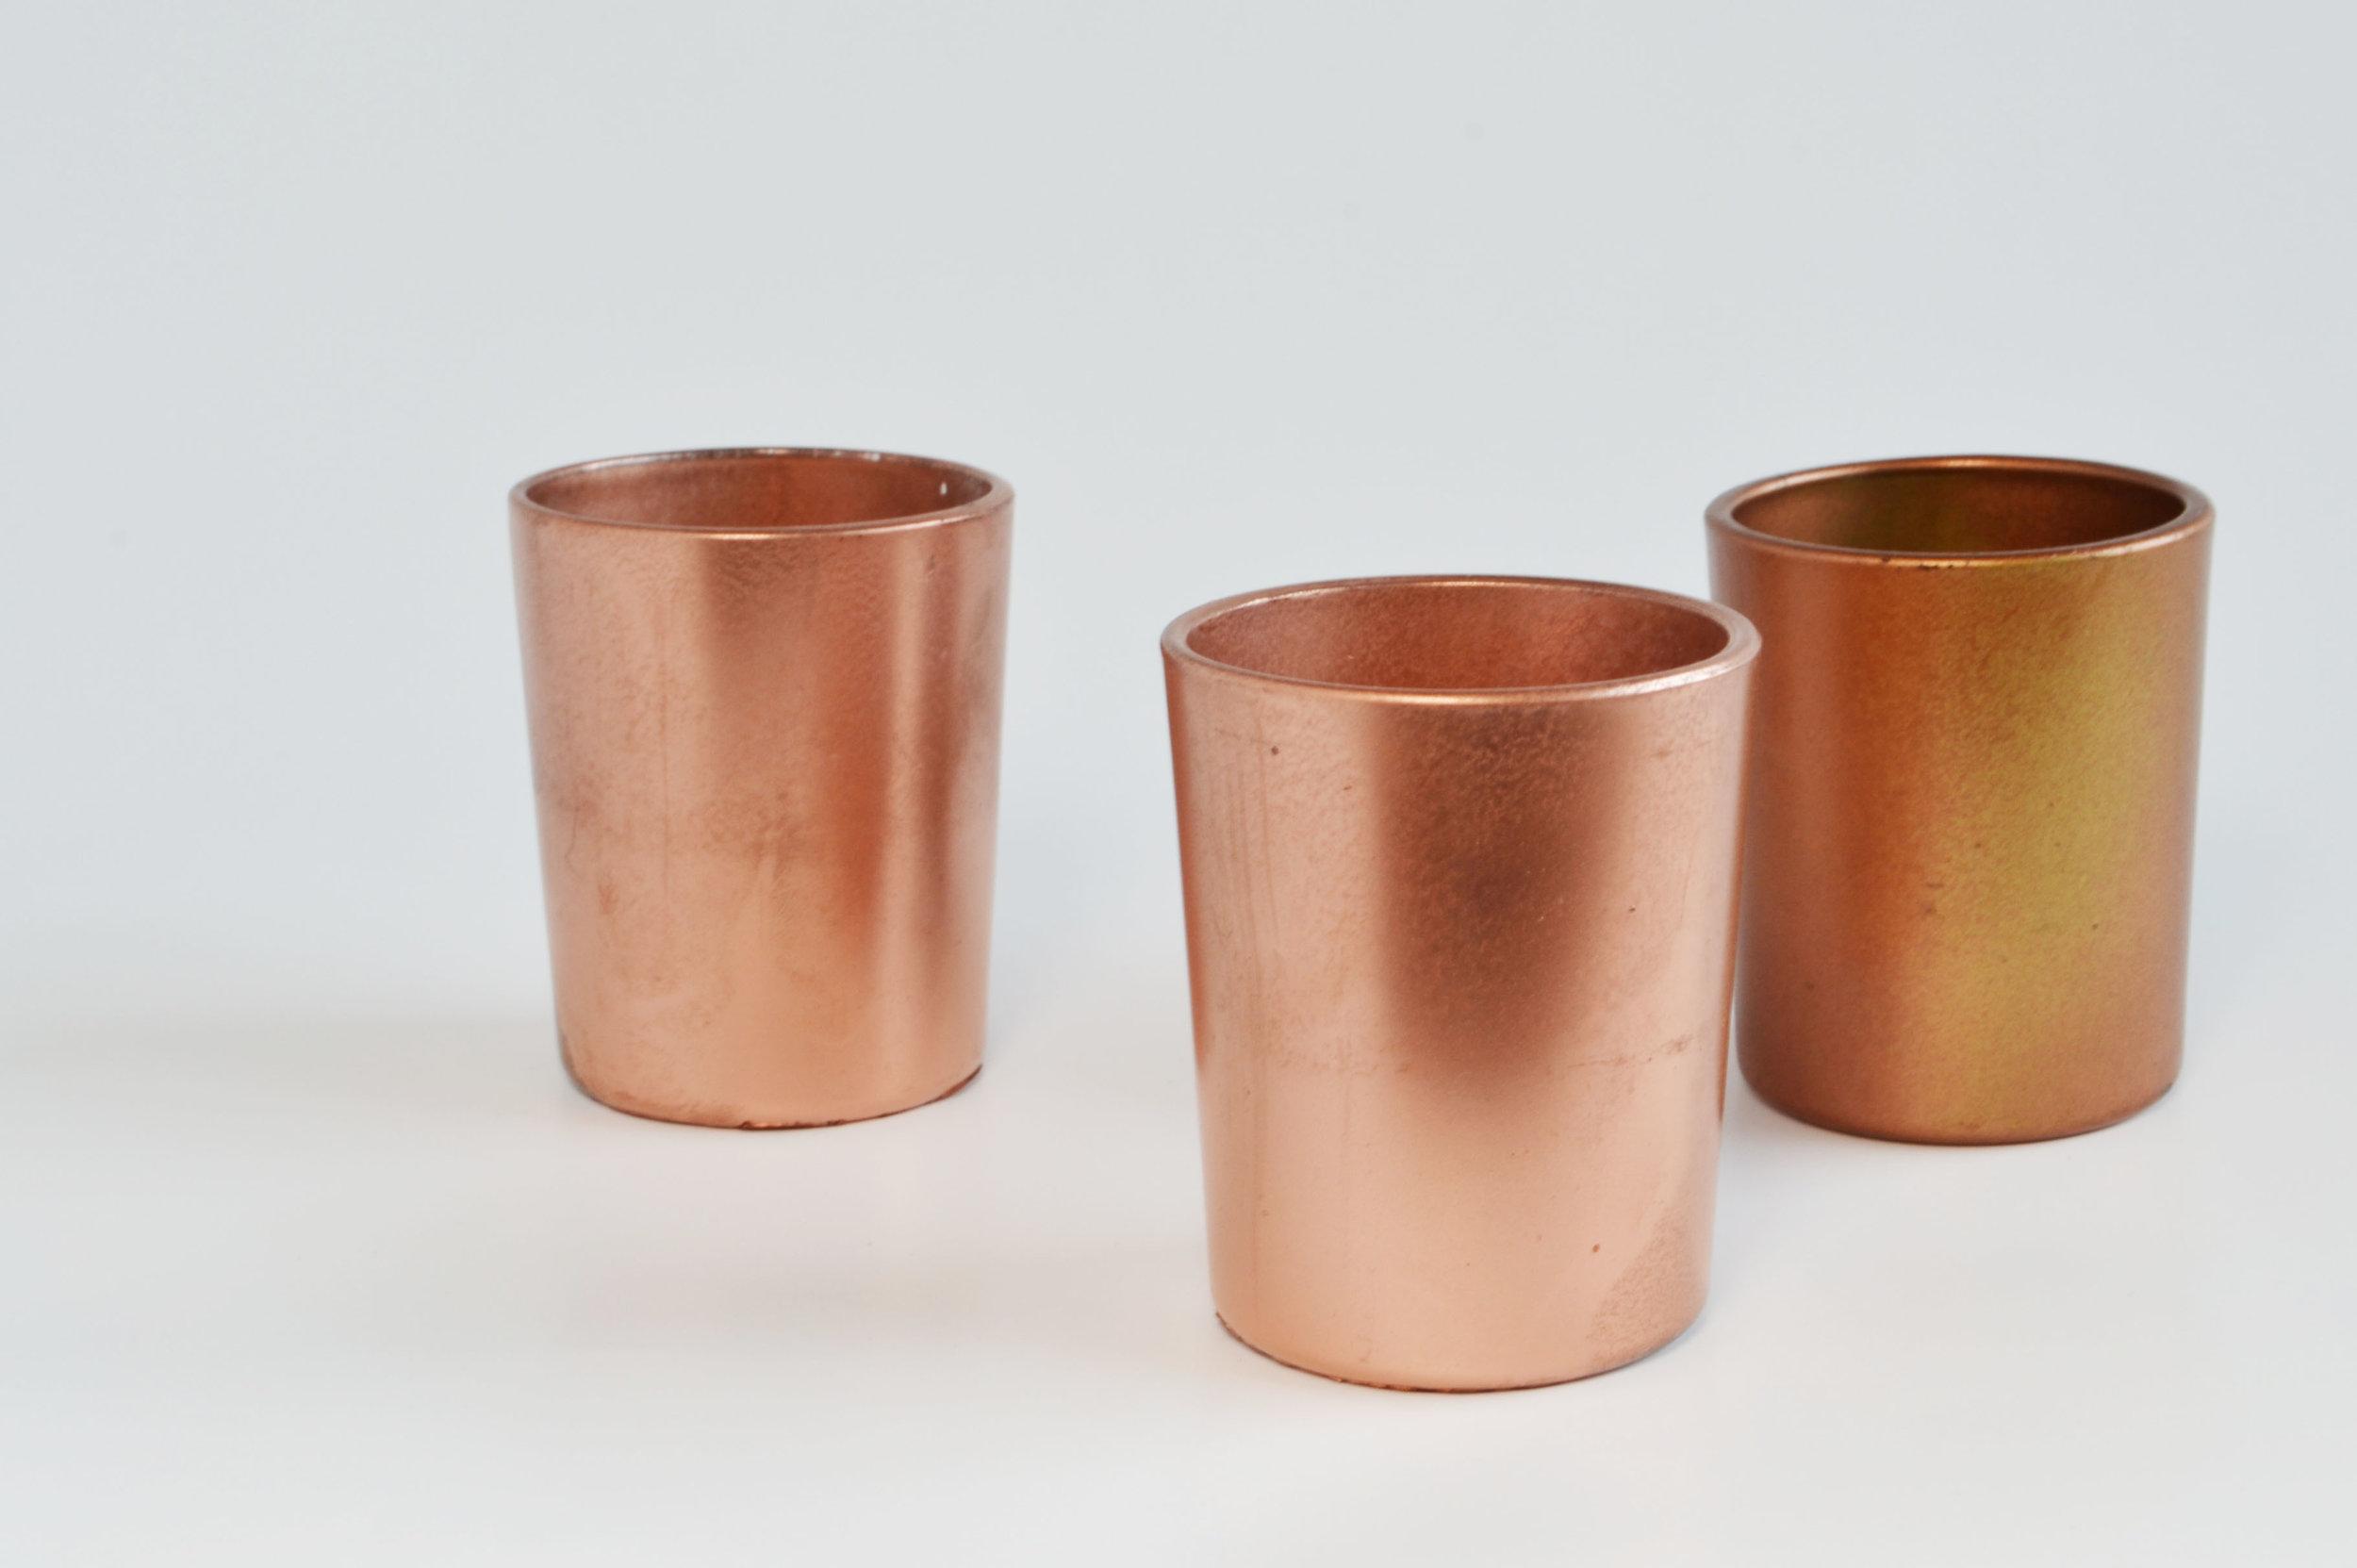 Copper Votive   Quantity: 100  Price: $2.50